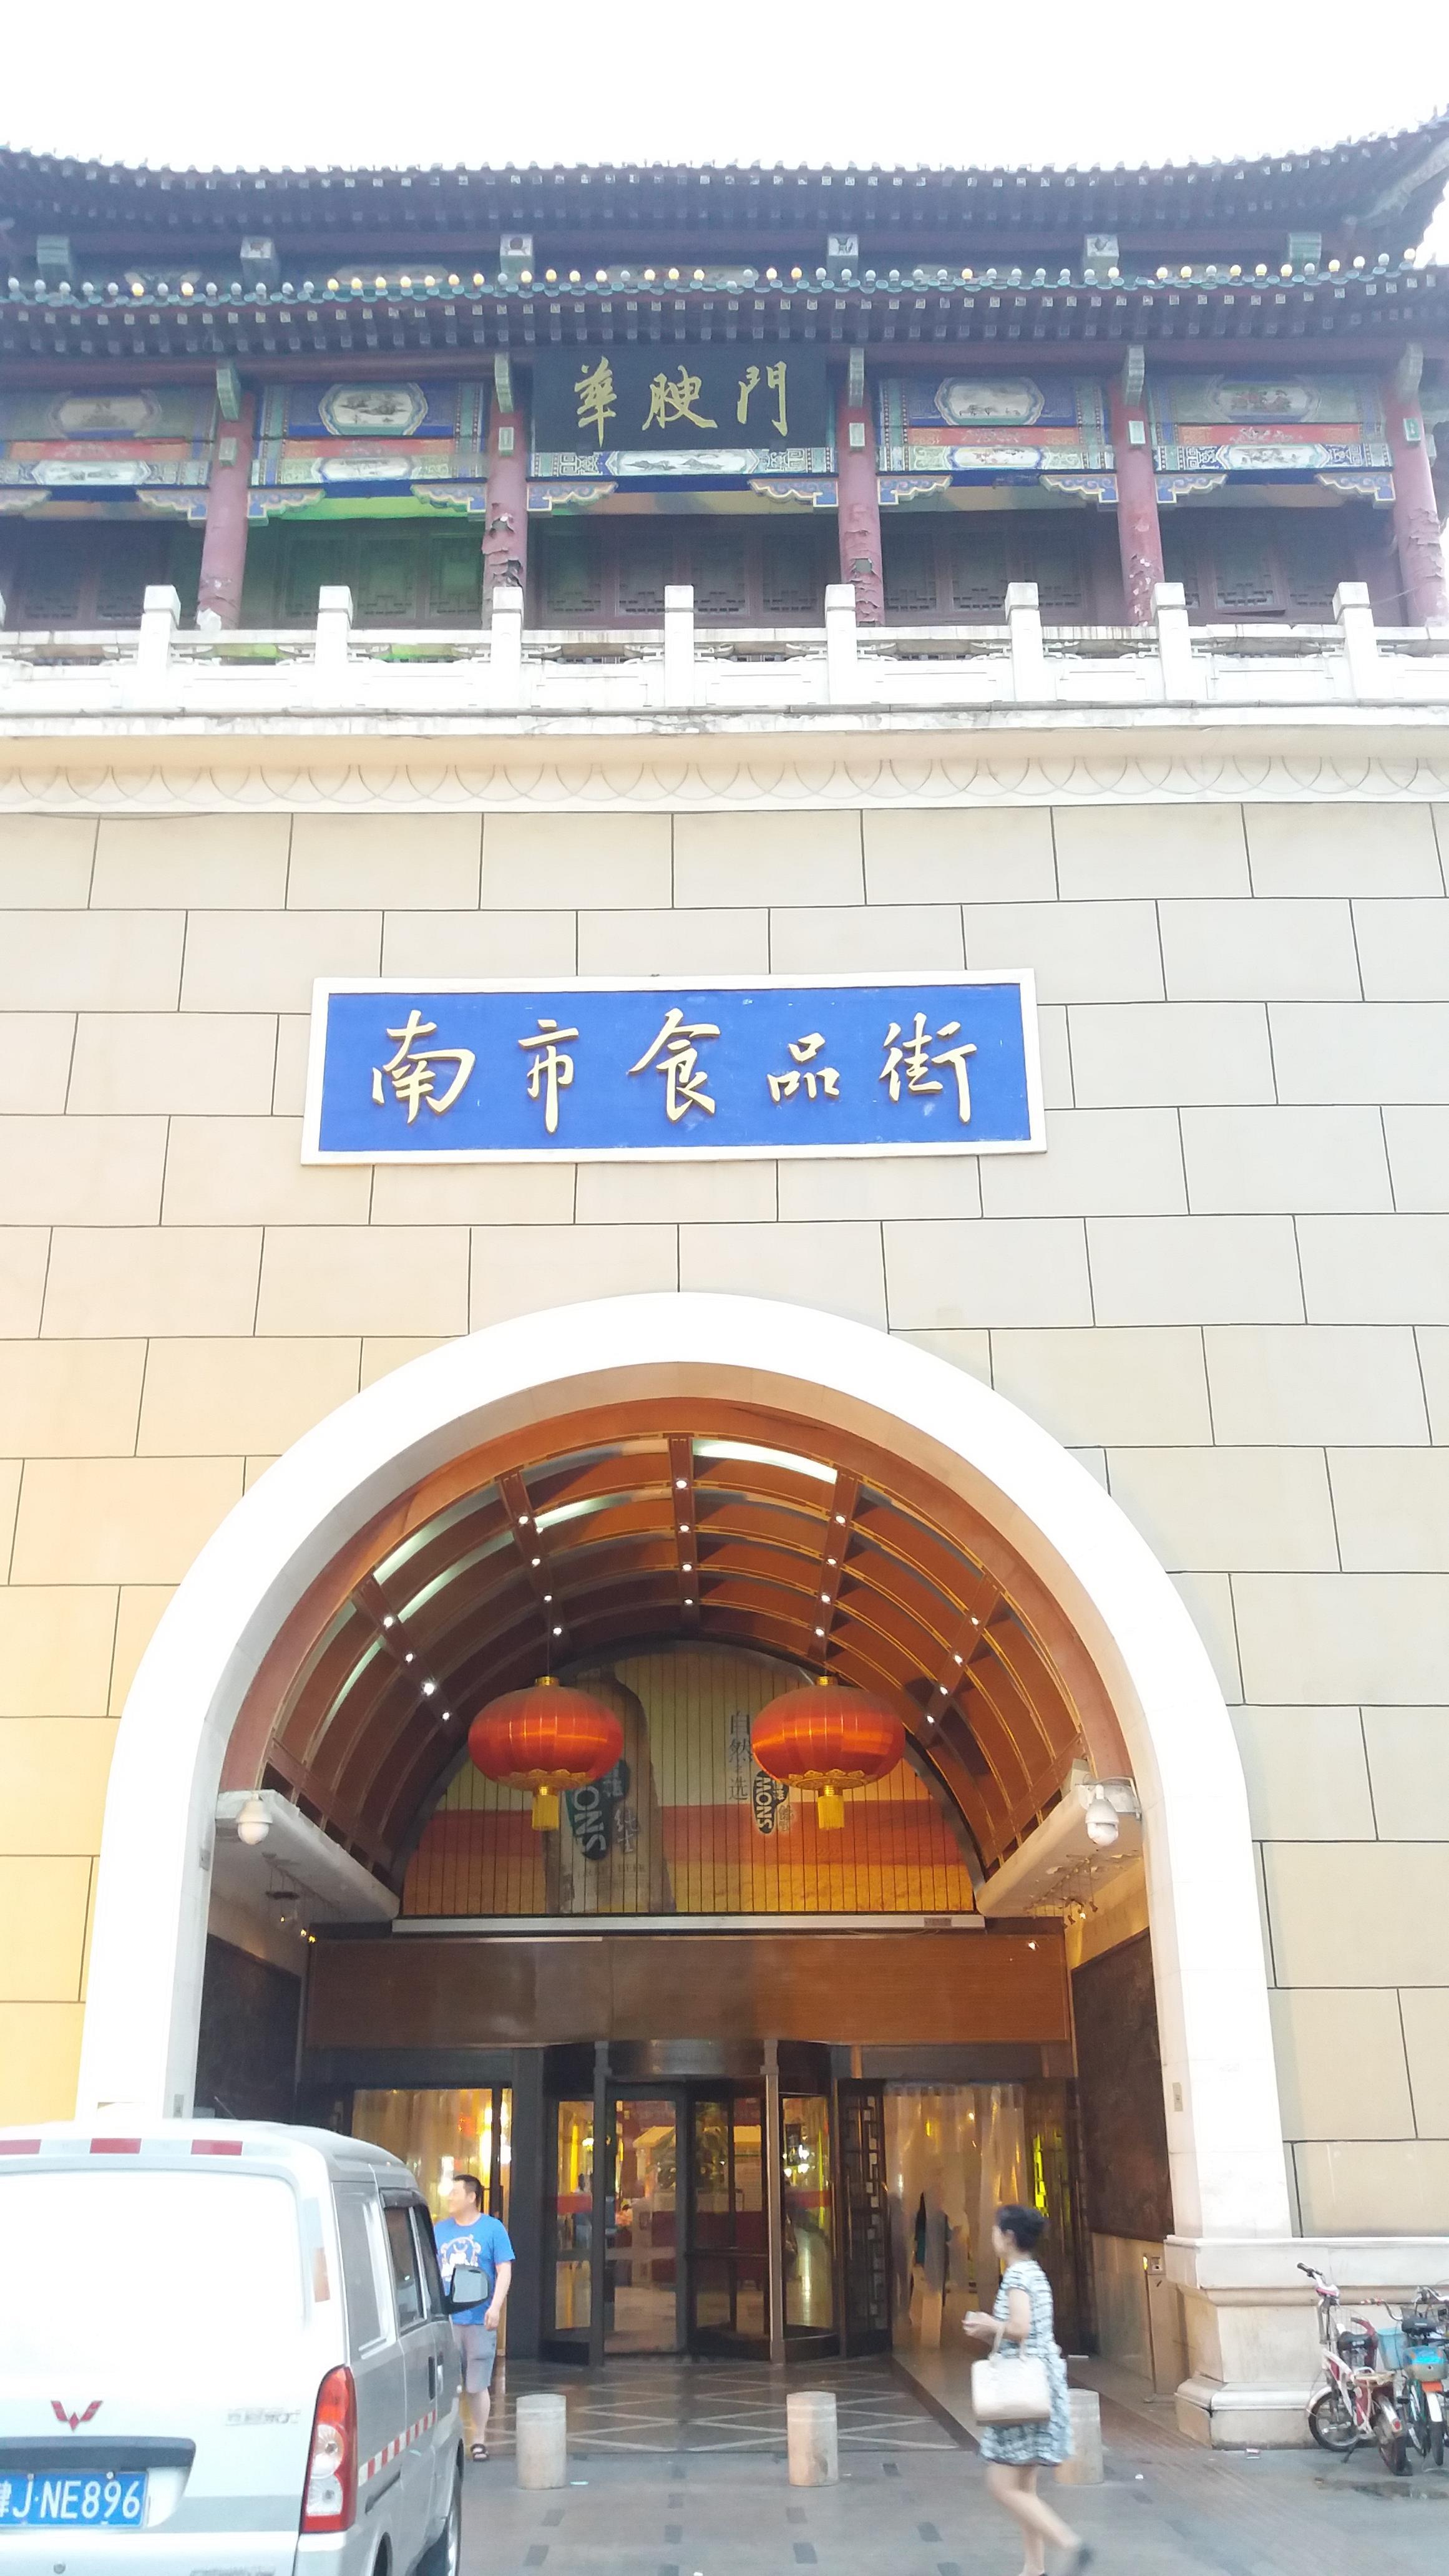 门楼屋顶为重檐殿式木结构.